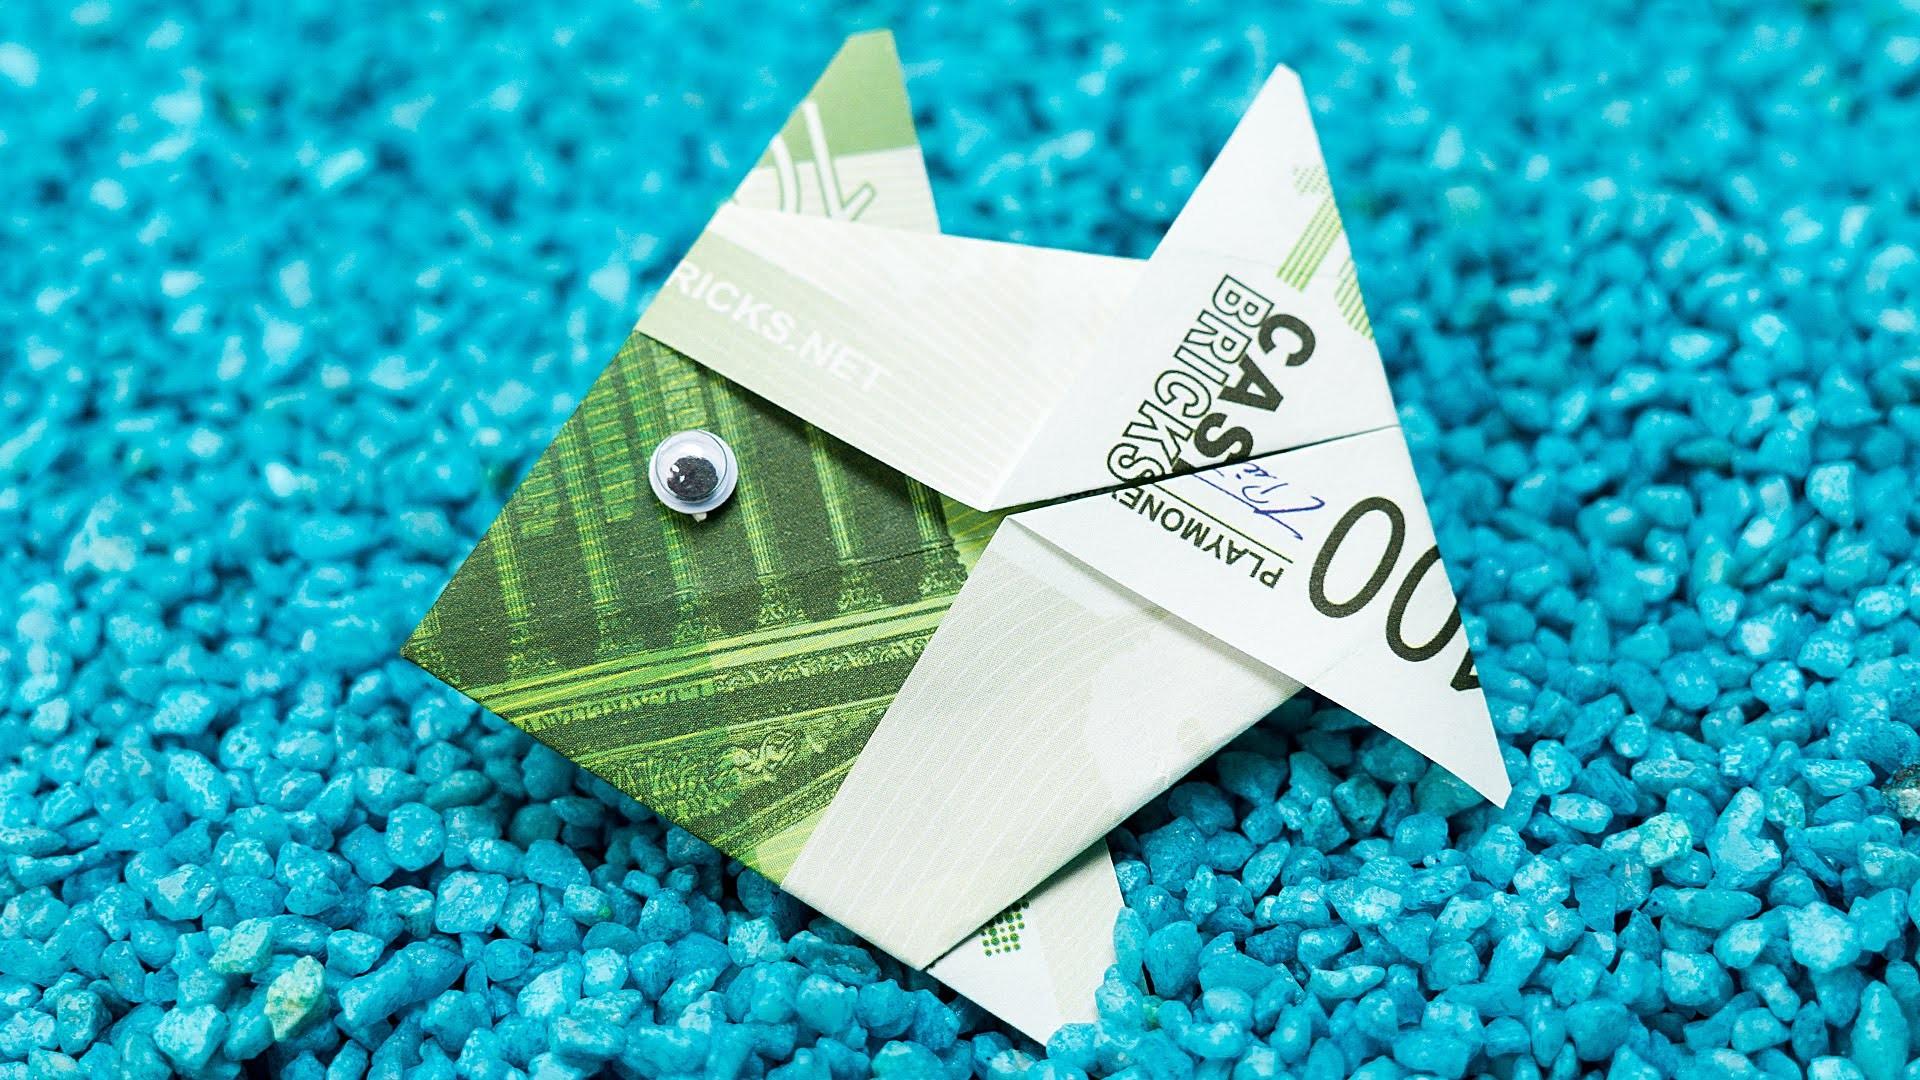 Fisch falten aus Geldschein